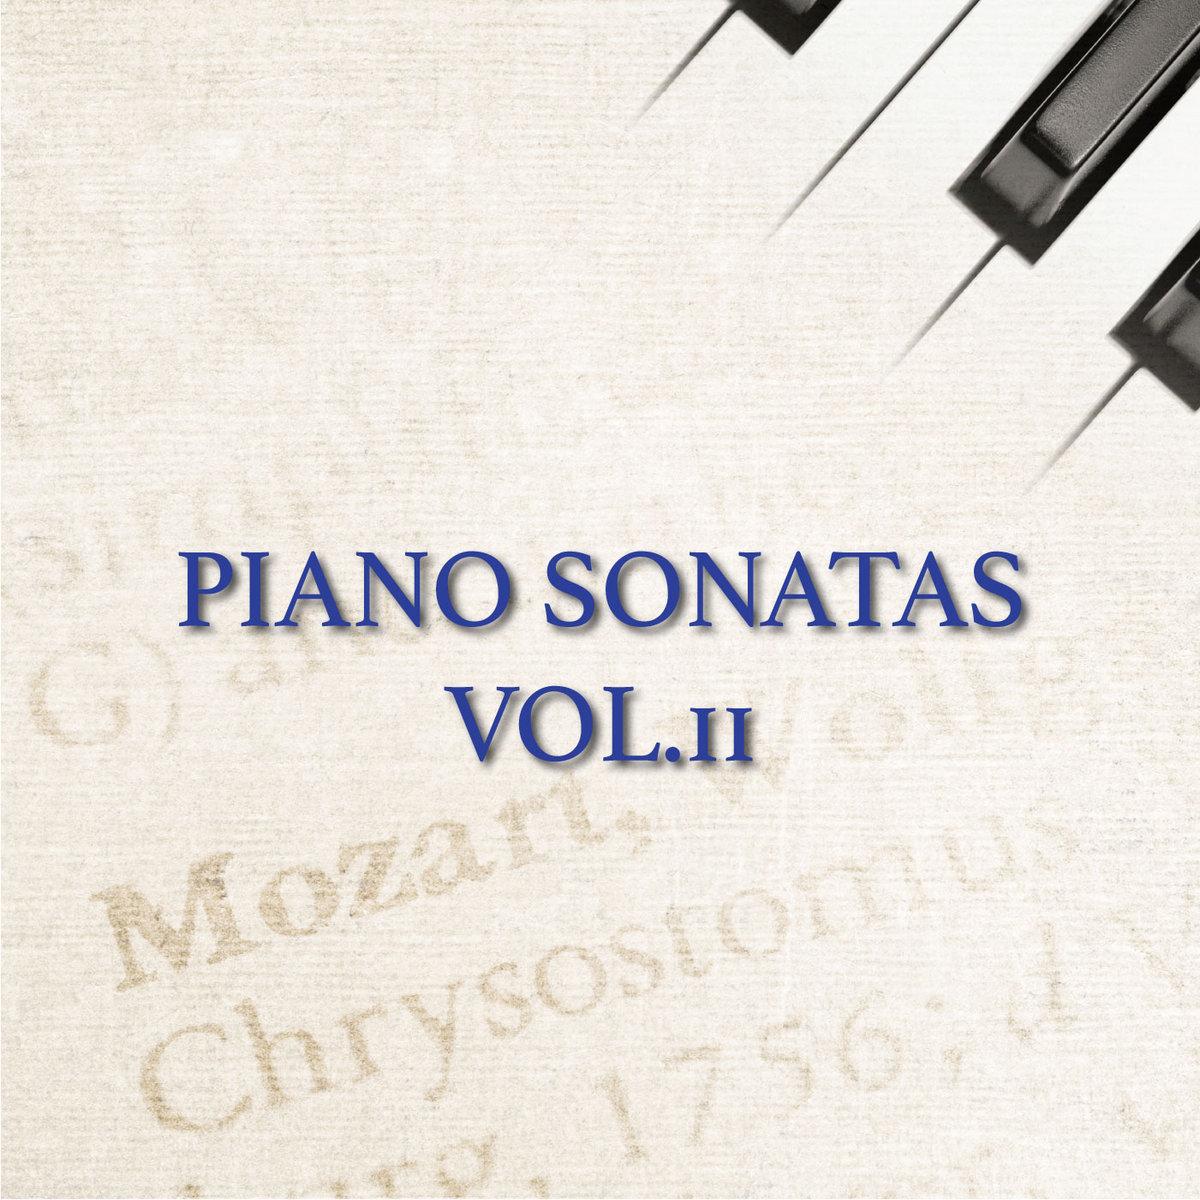 Piano Sonata No 10 in C-Major, K  330: I  Allegro moderato